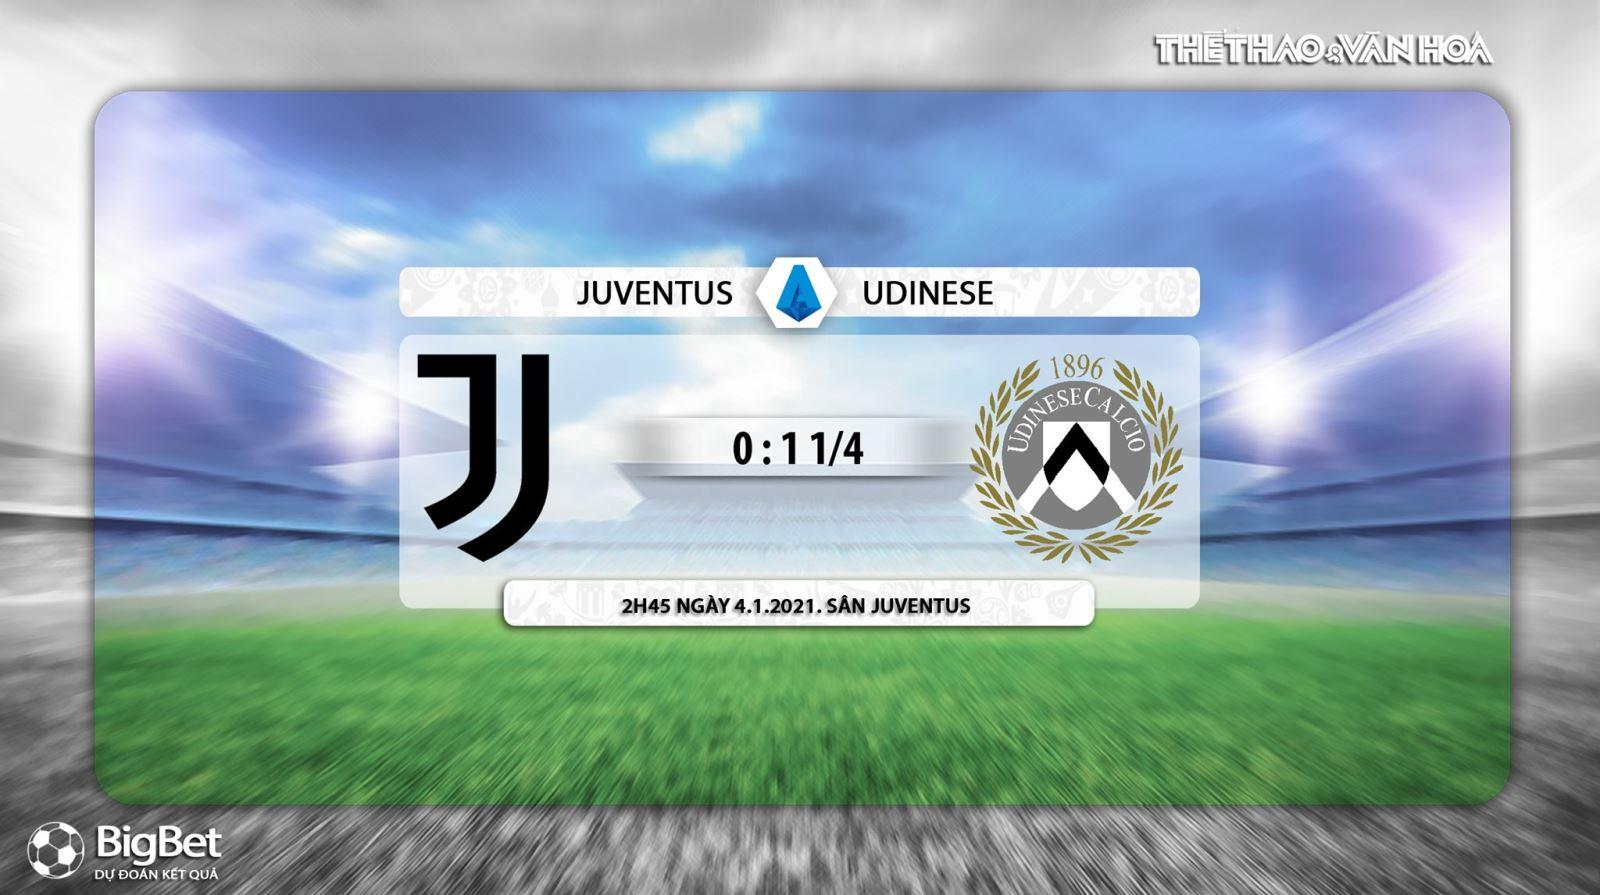 Keo nha cai, Kèo nhà cái, Juventus vs Udinese, Trực tiếp bóng đá Italia vòng 15, PFT Play, Trực tiếp Juventus vs Udinese, Kèo bóng đá Juventus vs Udinese